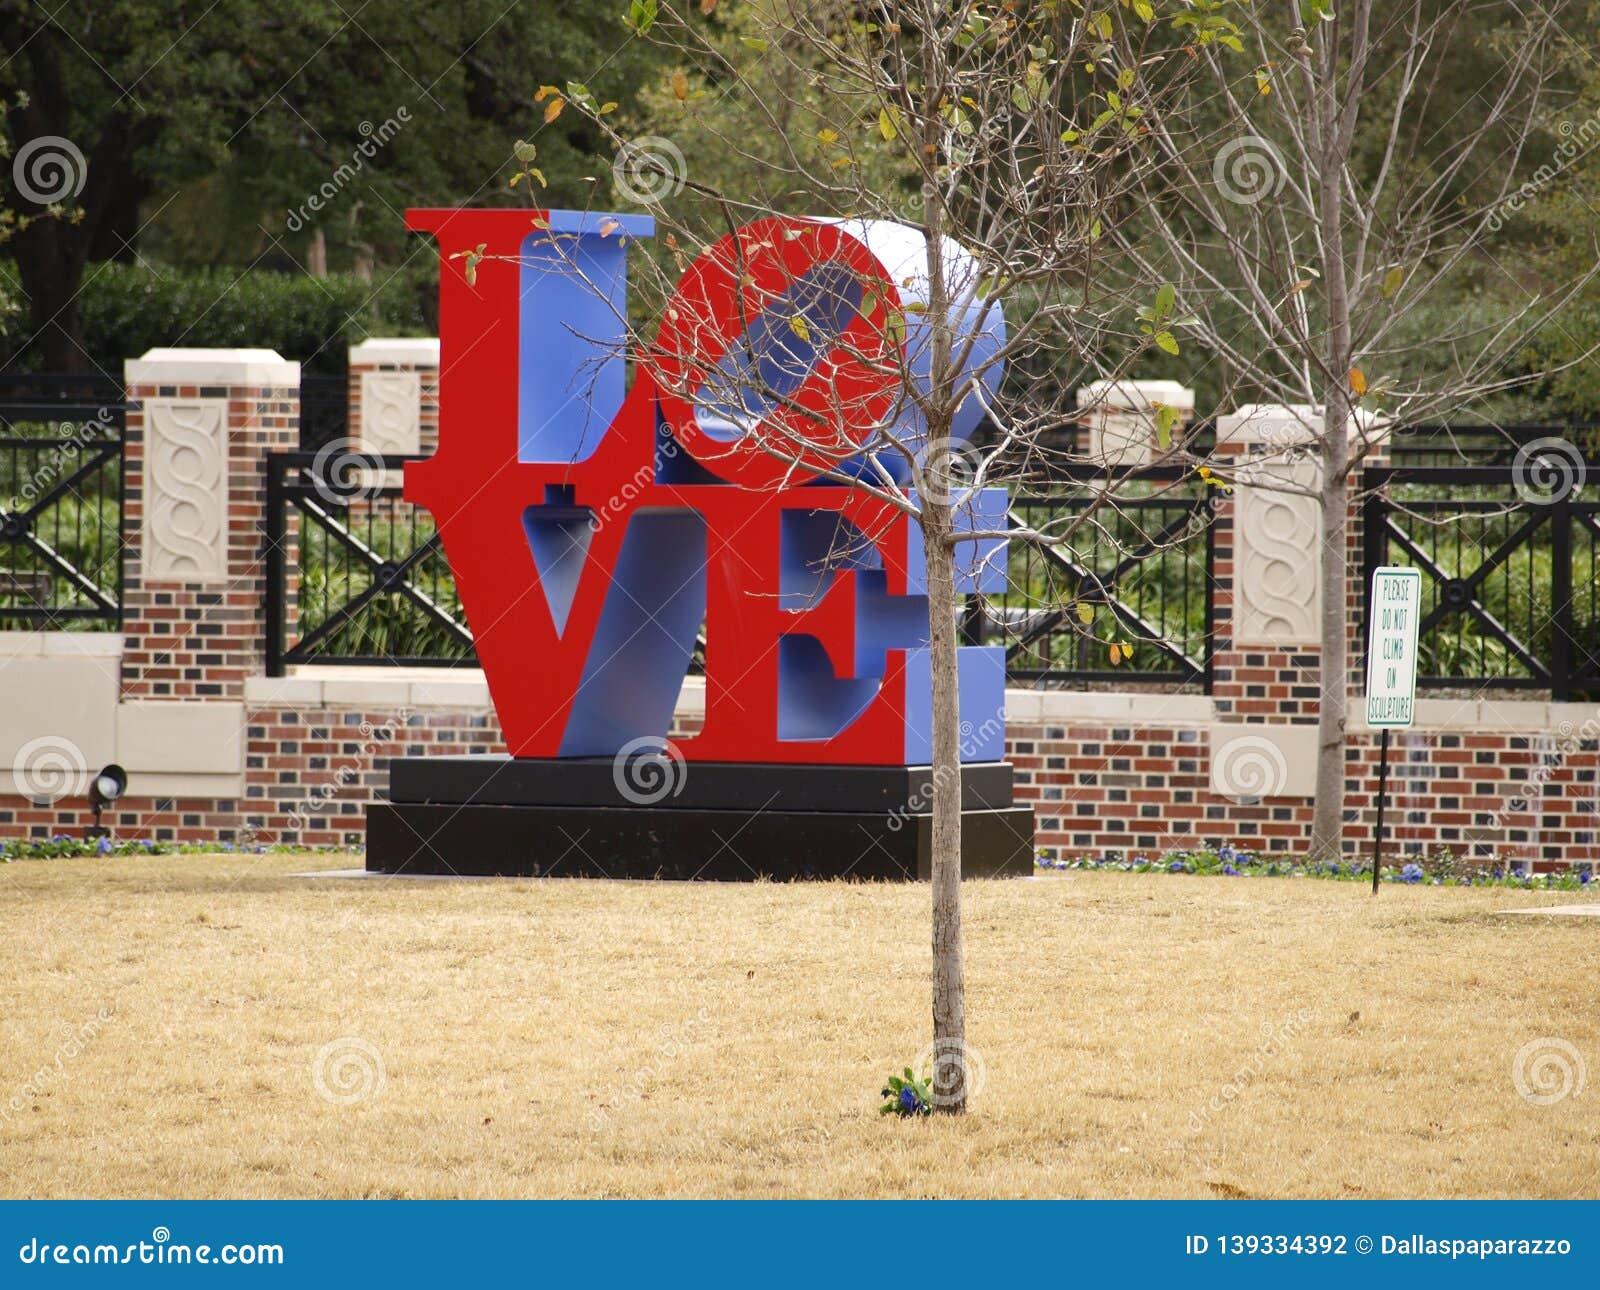 Robert Indiana Sculpture in University park, Texas